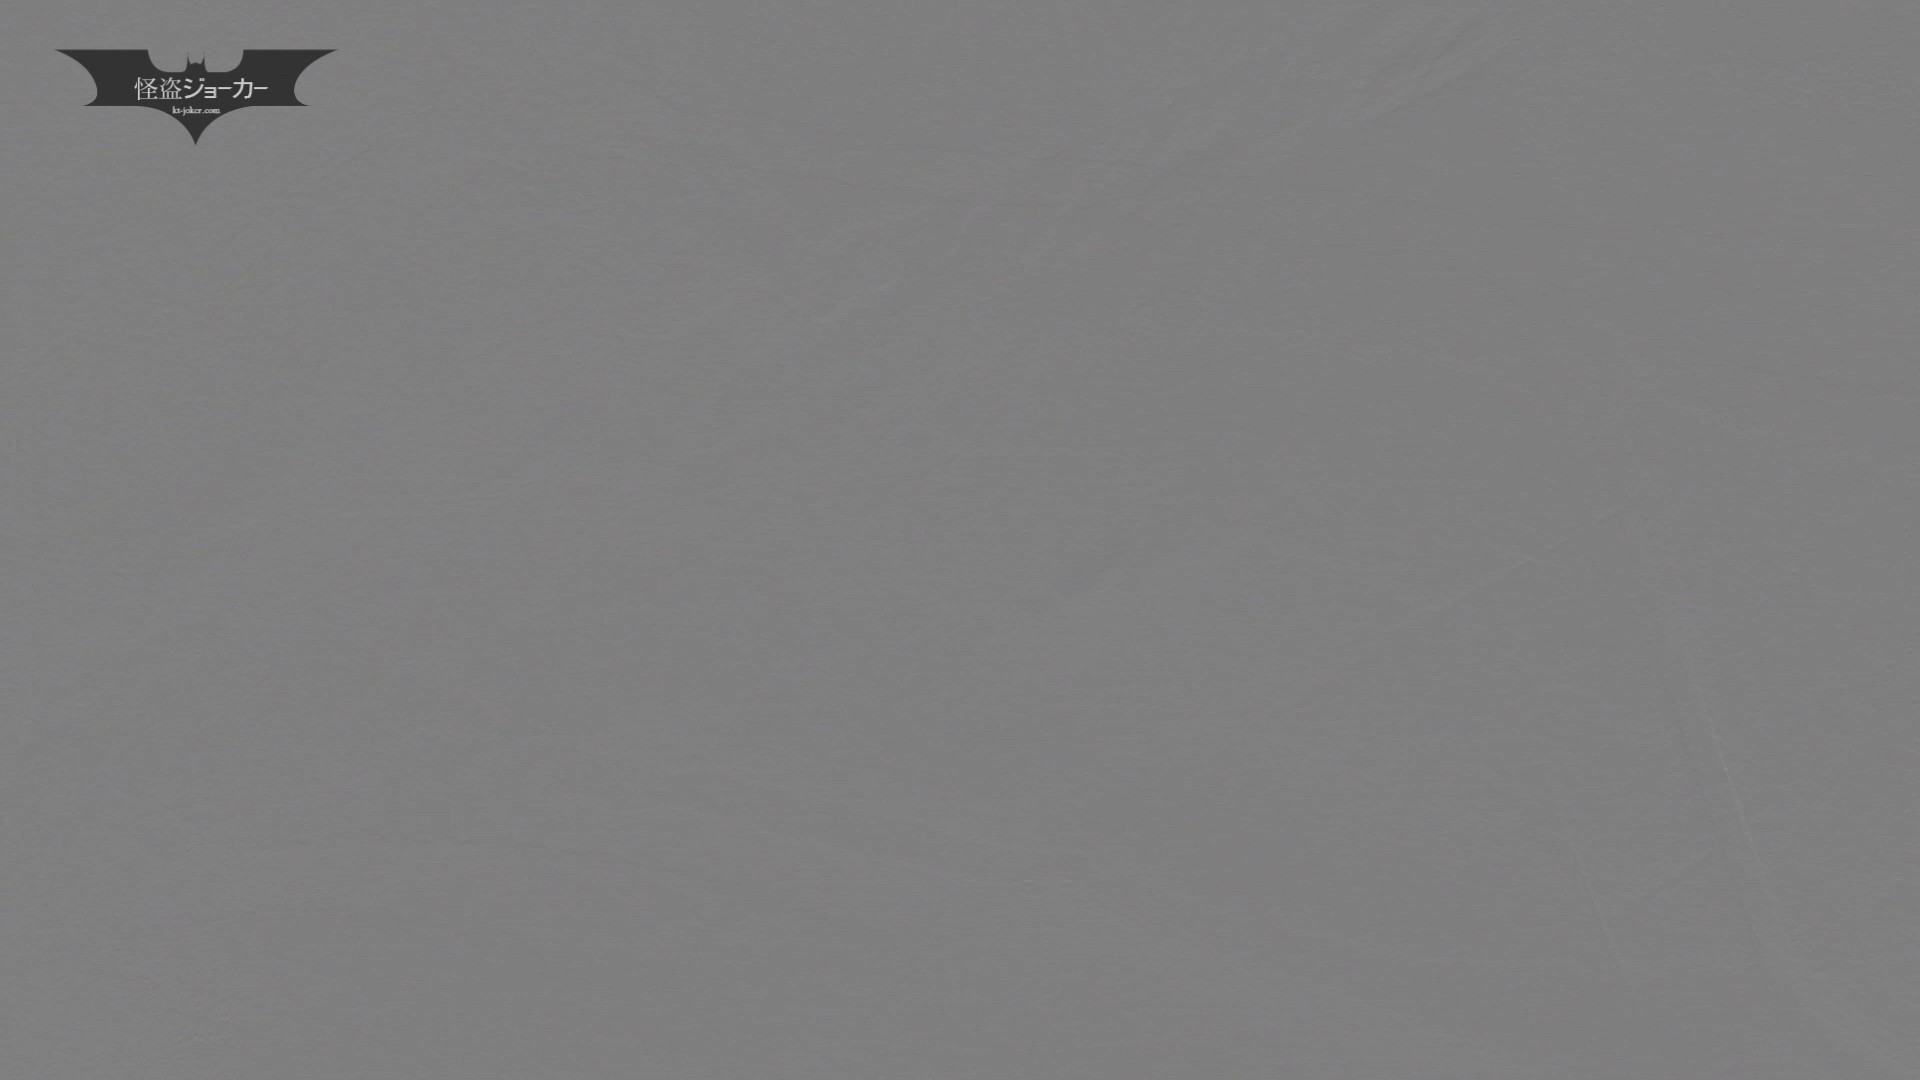 下からノゾム vol.032 走って追跡、そして、カメラ見られ大ピンチ 追跡  93連発 2